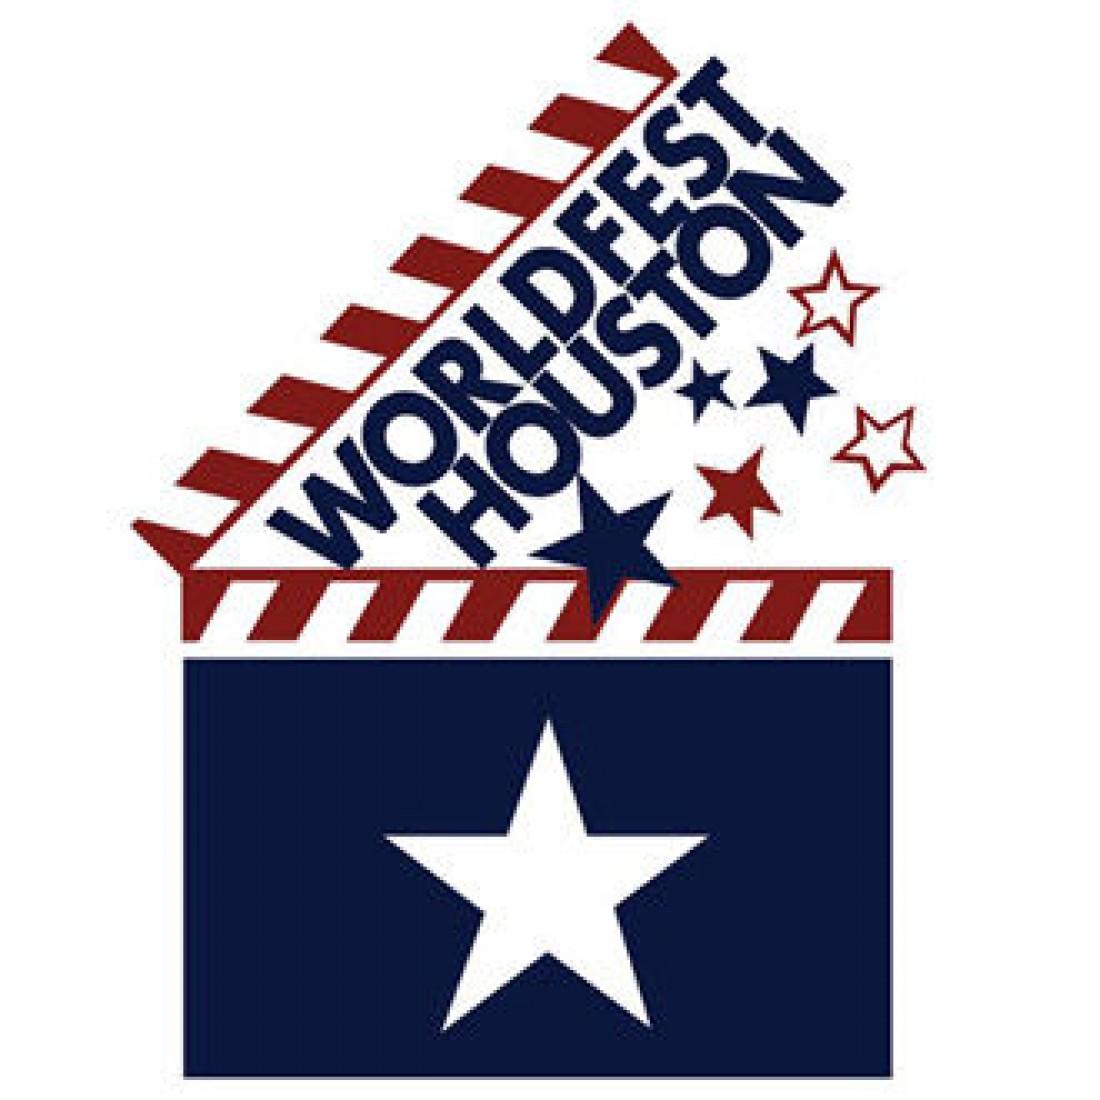 Проекты cтудии Квартал 95 стали обладателями международной кинопремии